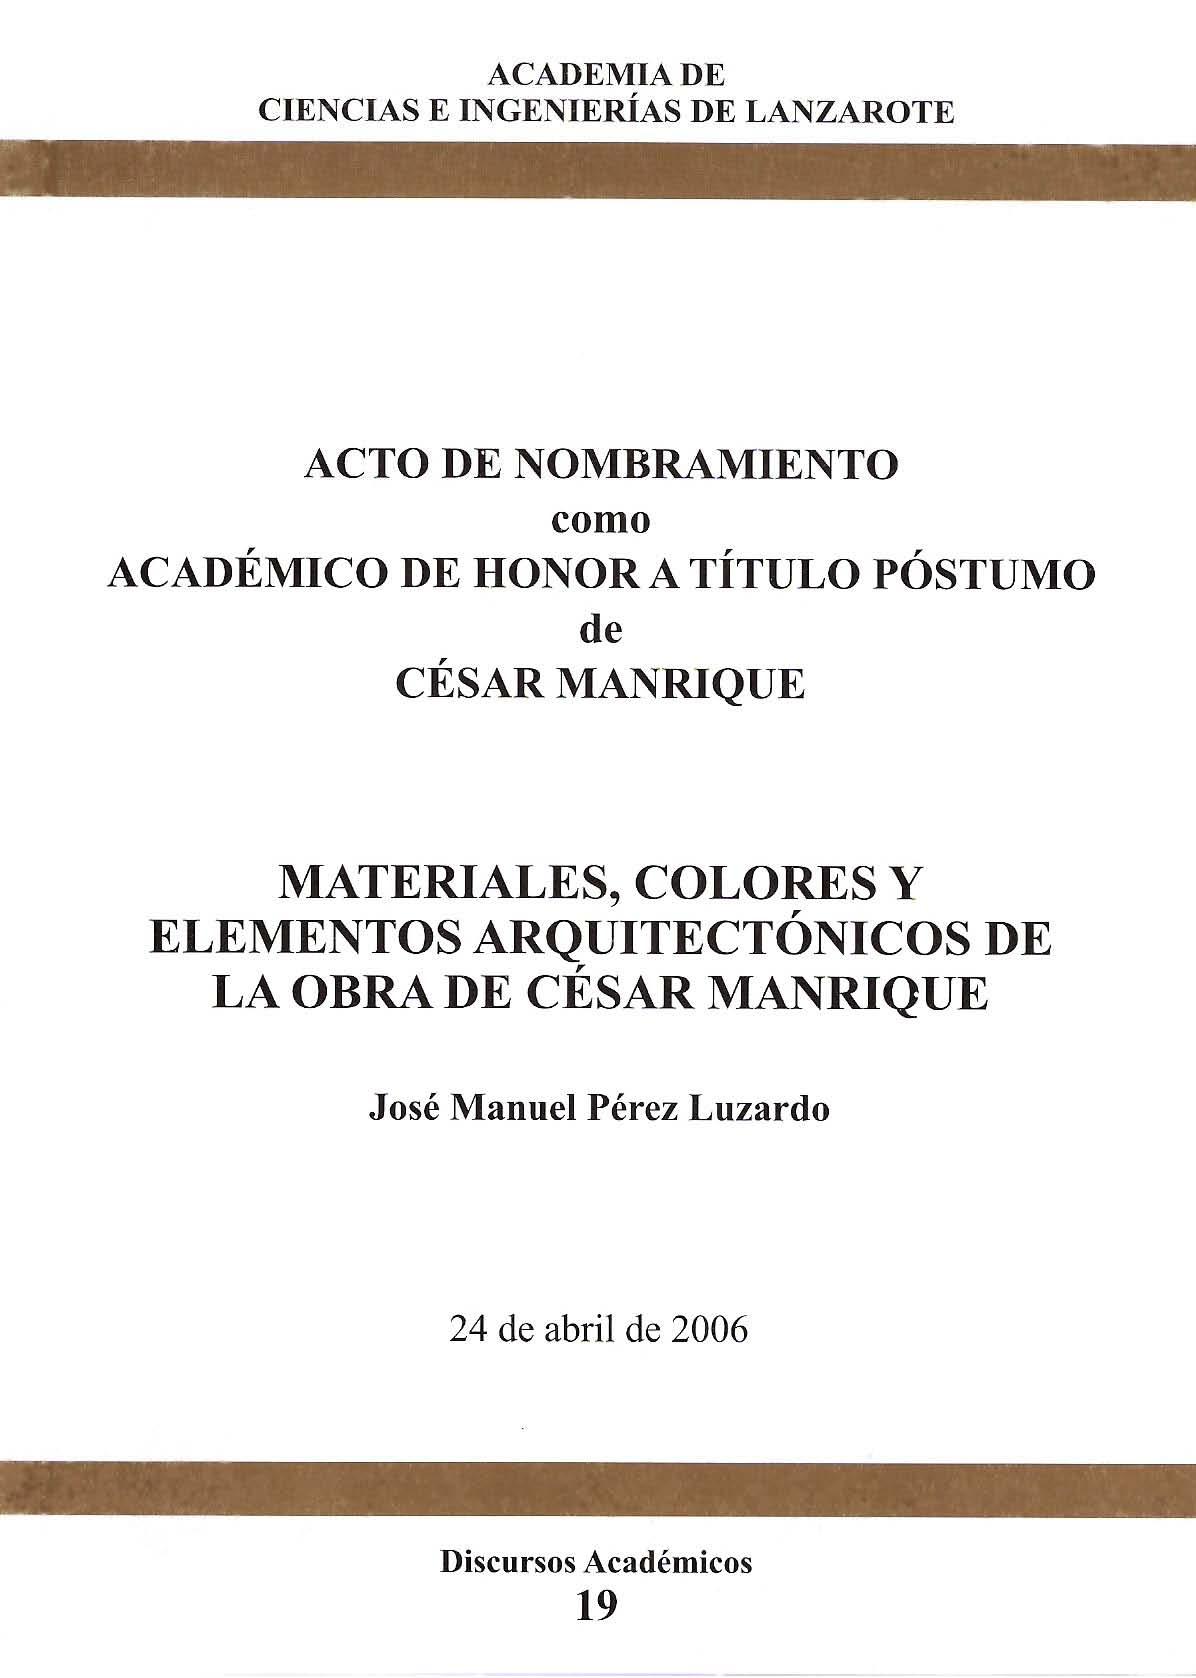 Materiales, colores y elementos arquitectónicos de la obra de César Manrique